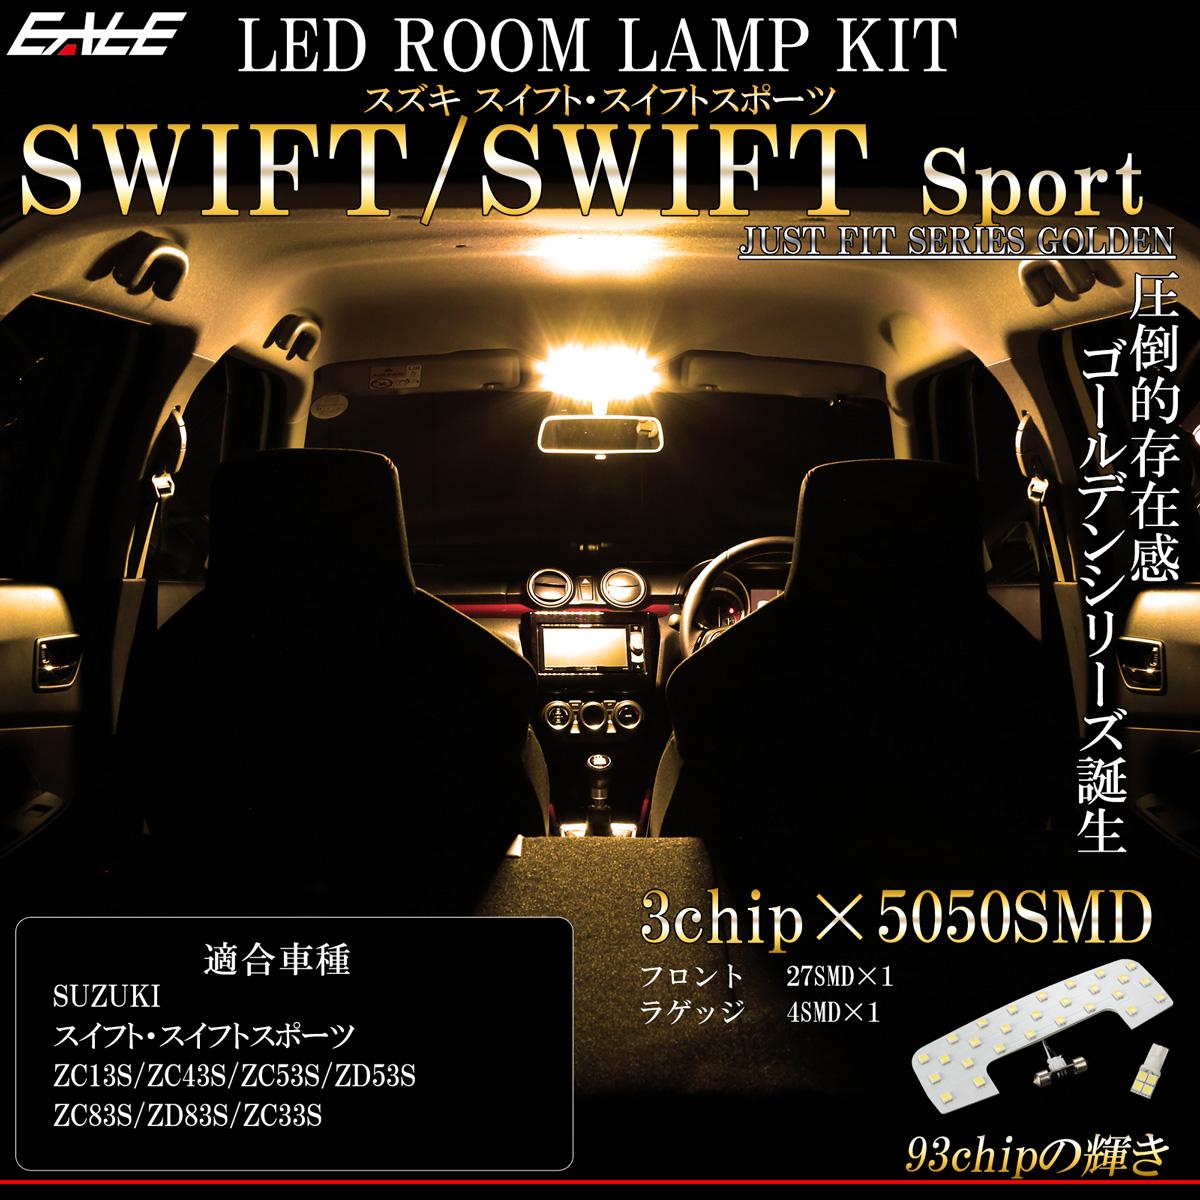 【ネコポス可】 スズキ スイフト/スイフトスポーツ 専用設計 LED ルームランプ ウォームホワイト 3000K 電球色 ZC13 ZC43 ZC53 ZD53 ZC83 ZD83 R-440